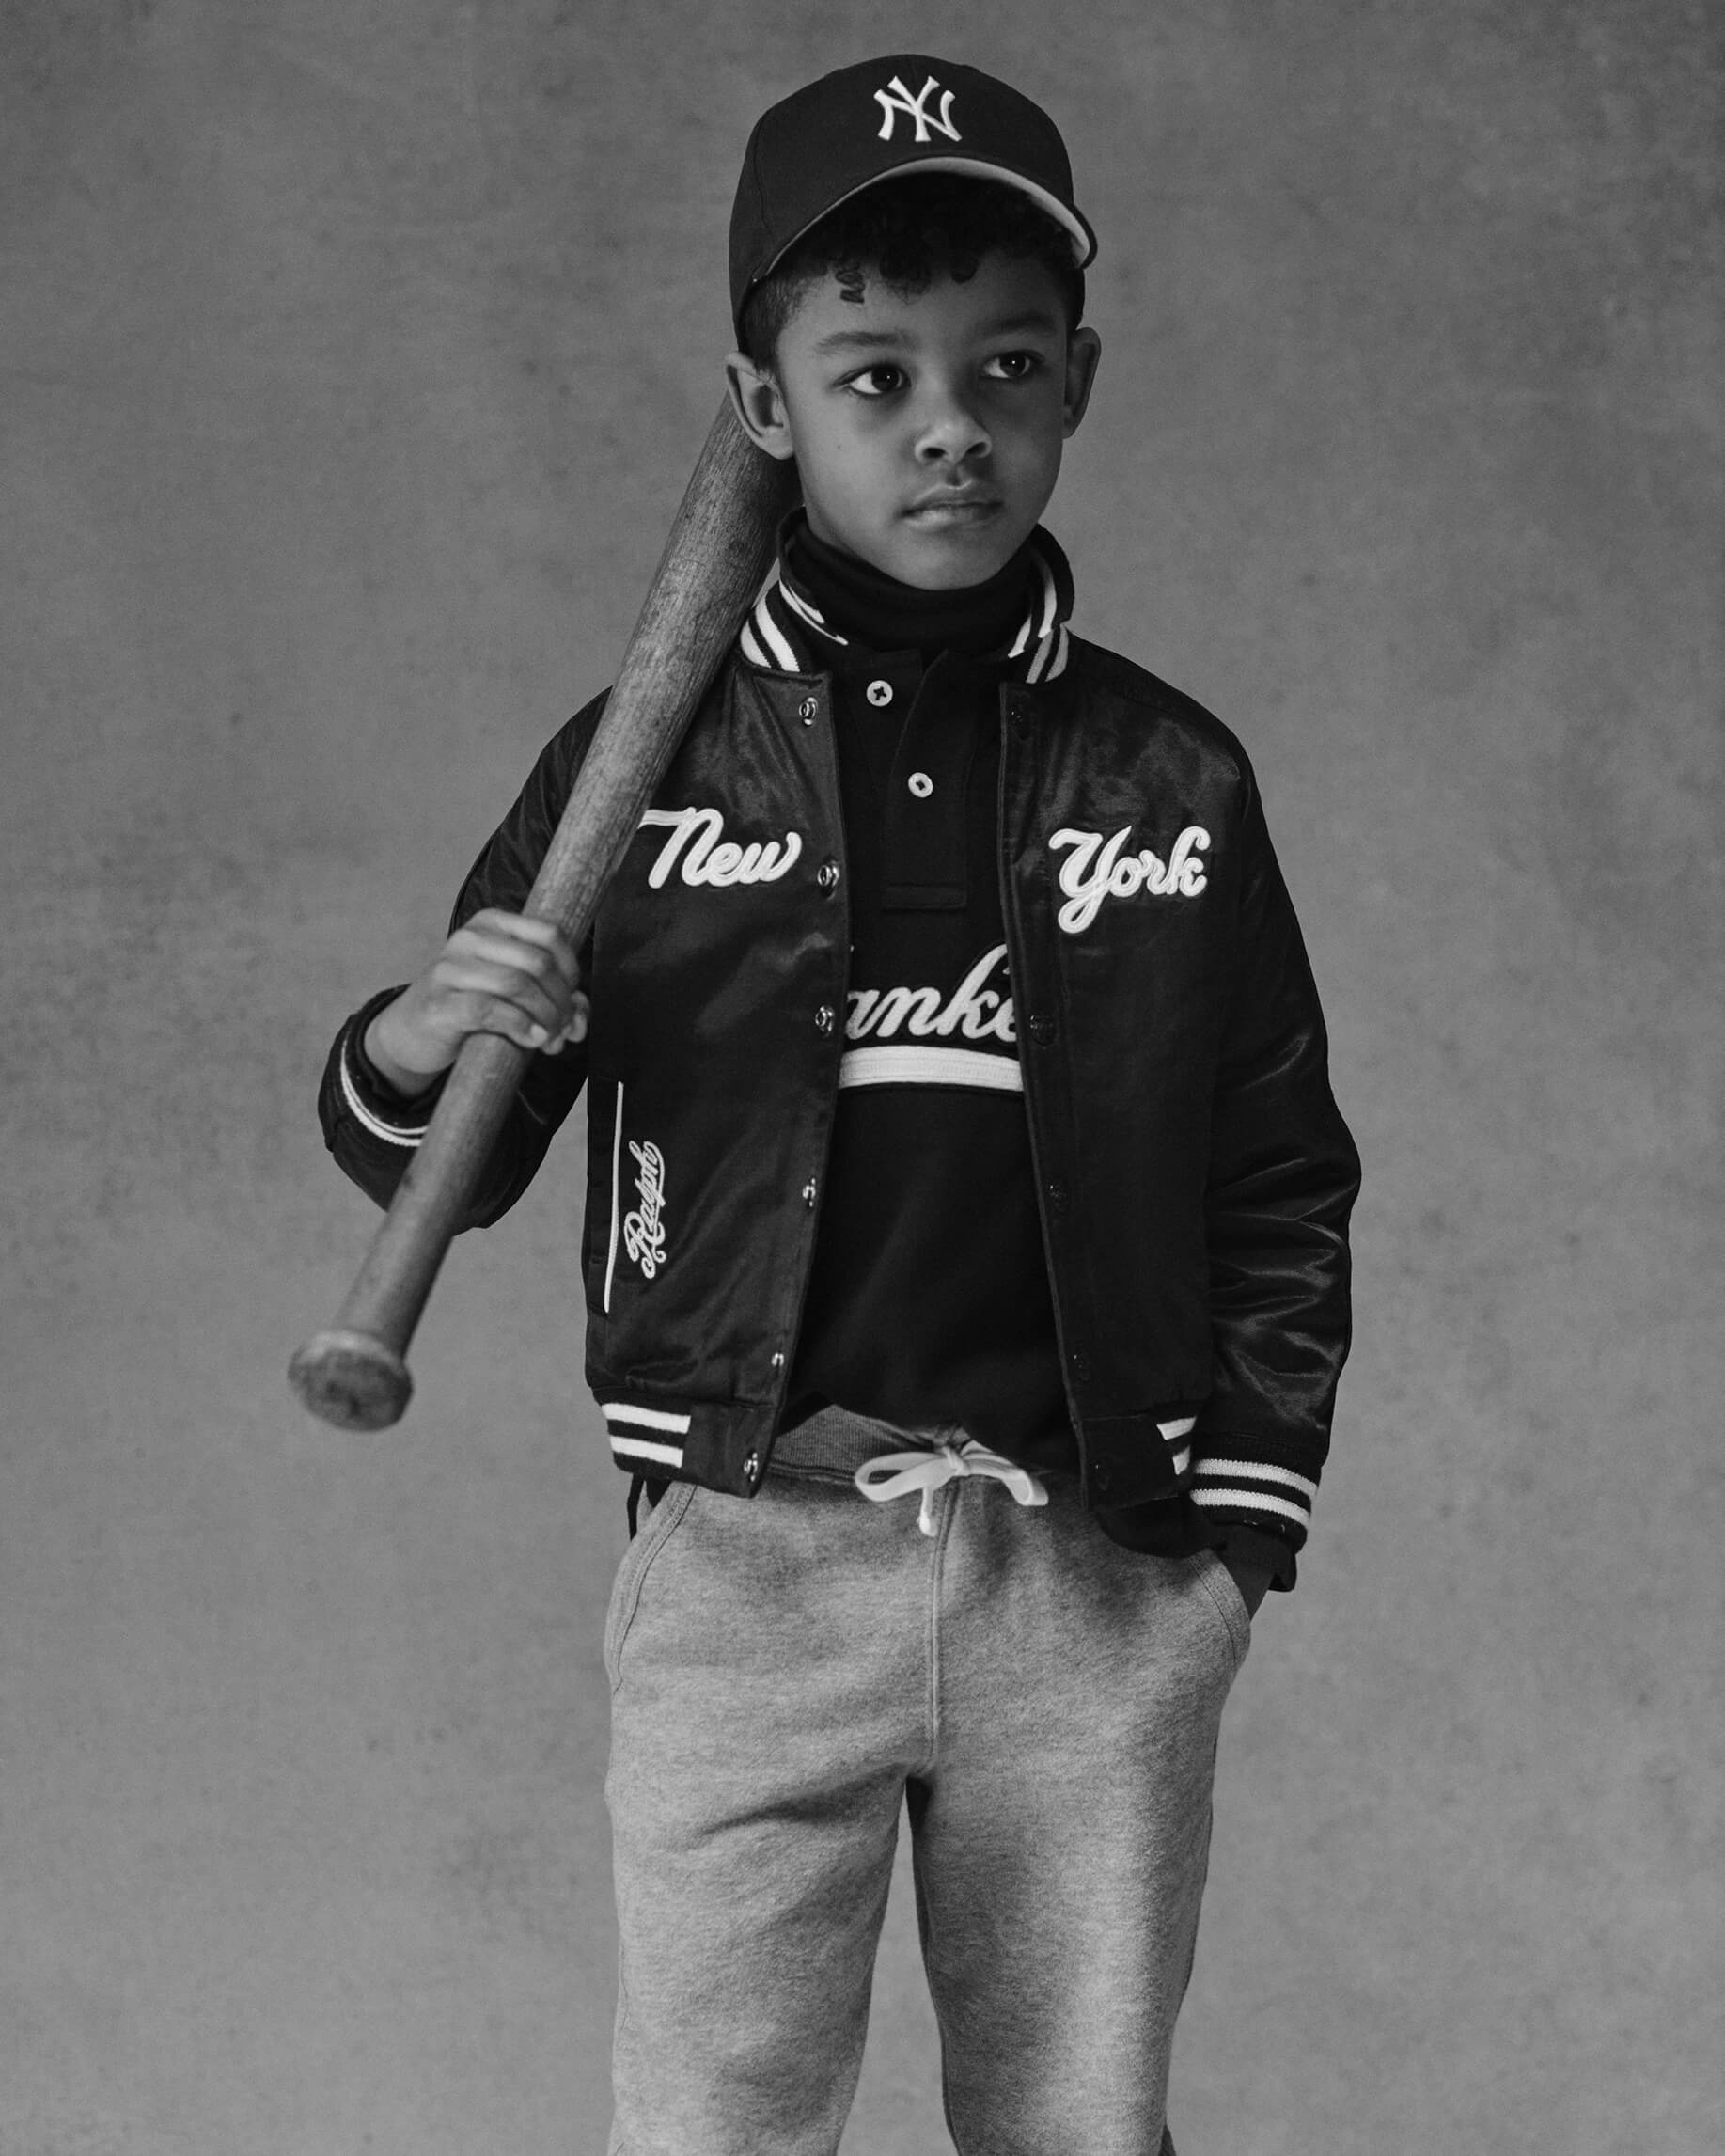 〈ラルフ ローレン〉×メジャーリーグ ベースボール(MLB™)のコラボコレクションが登場